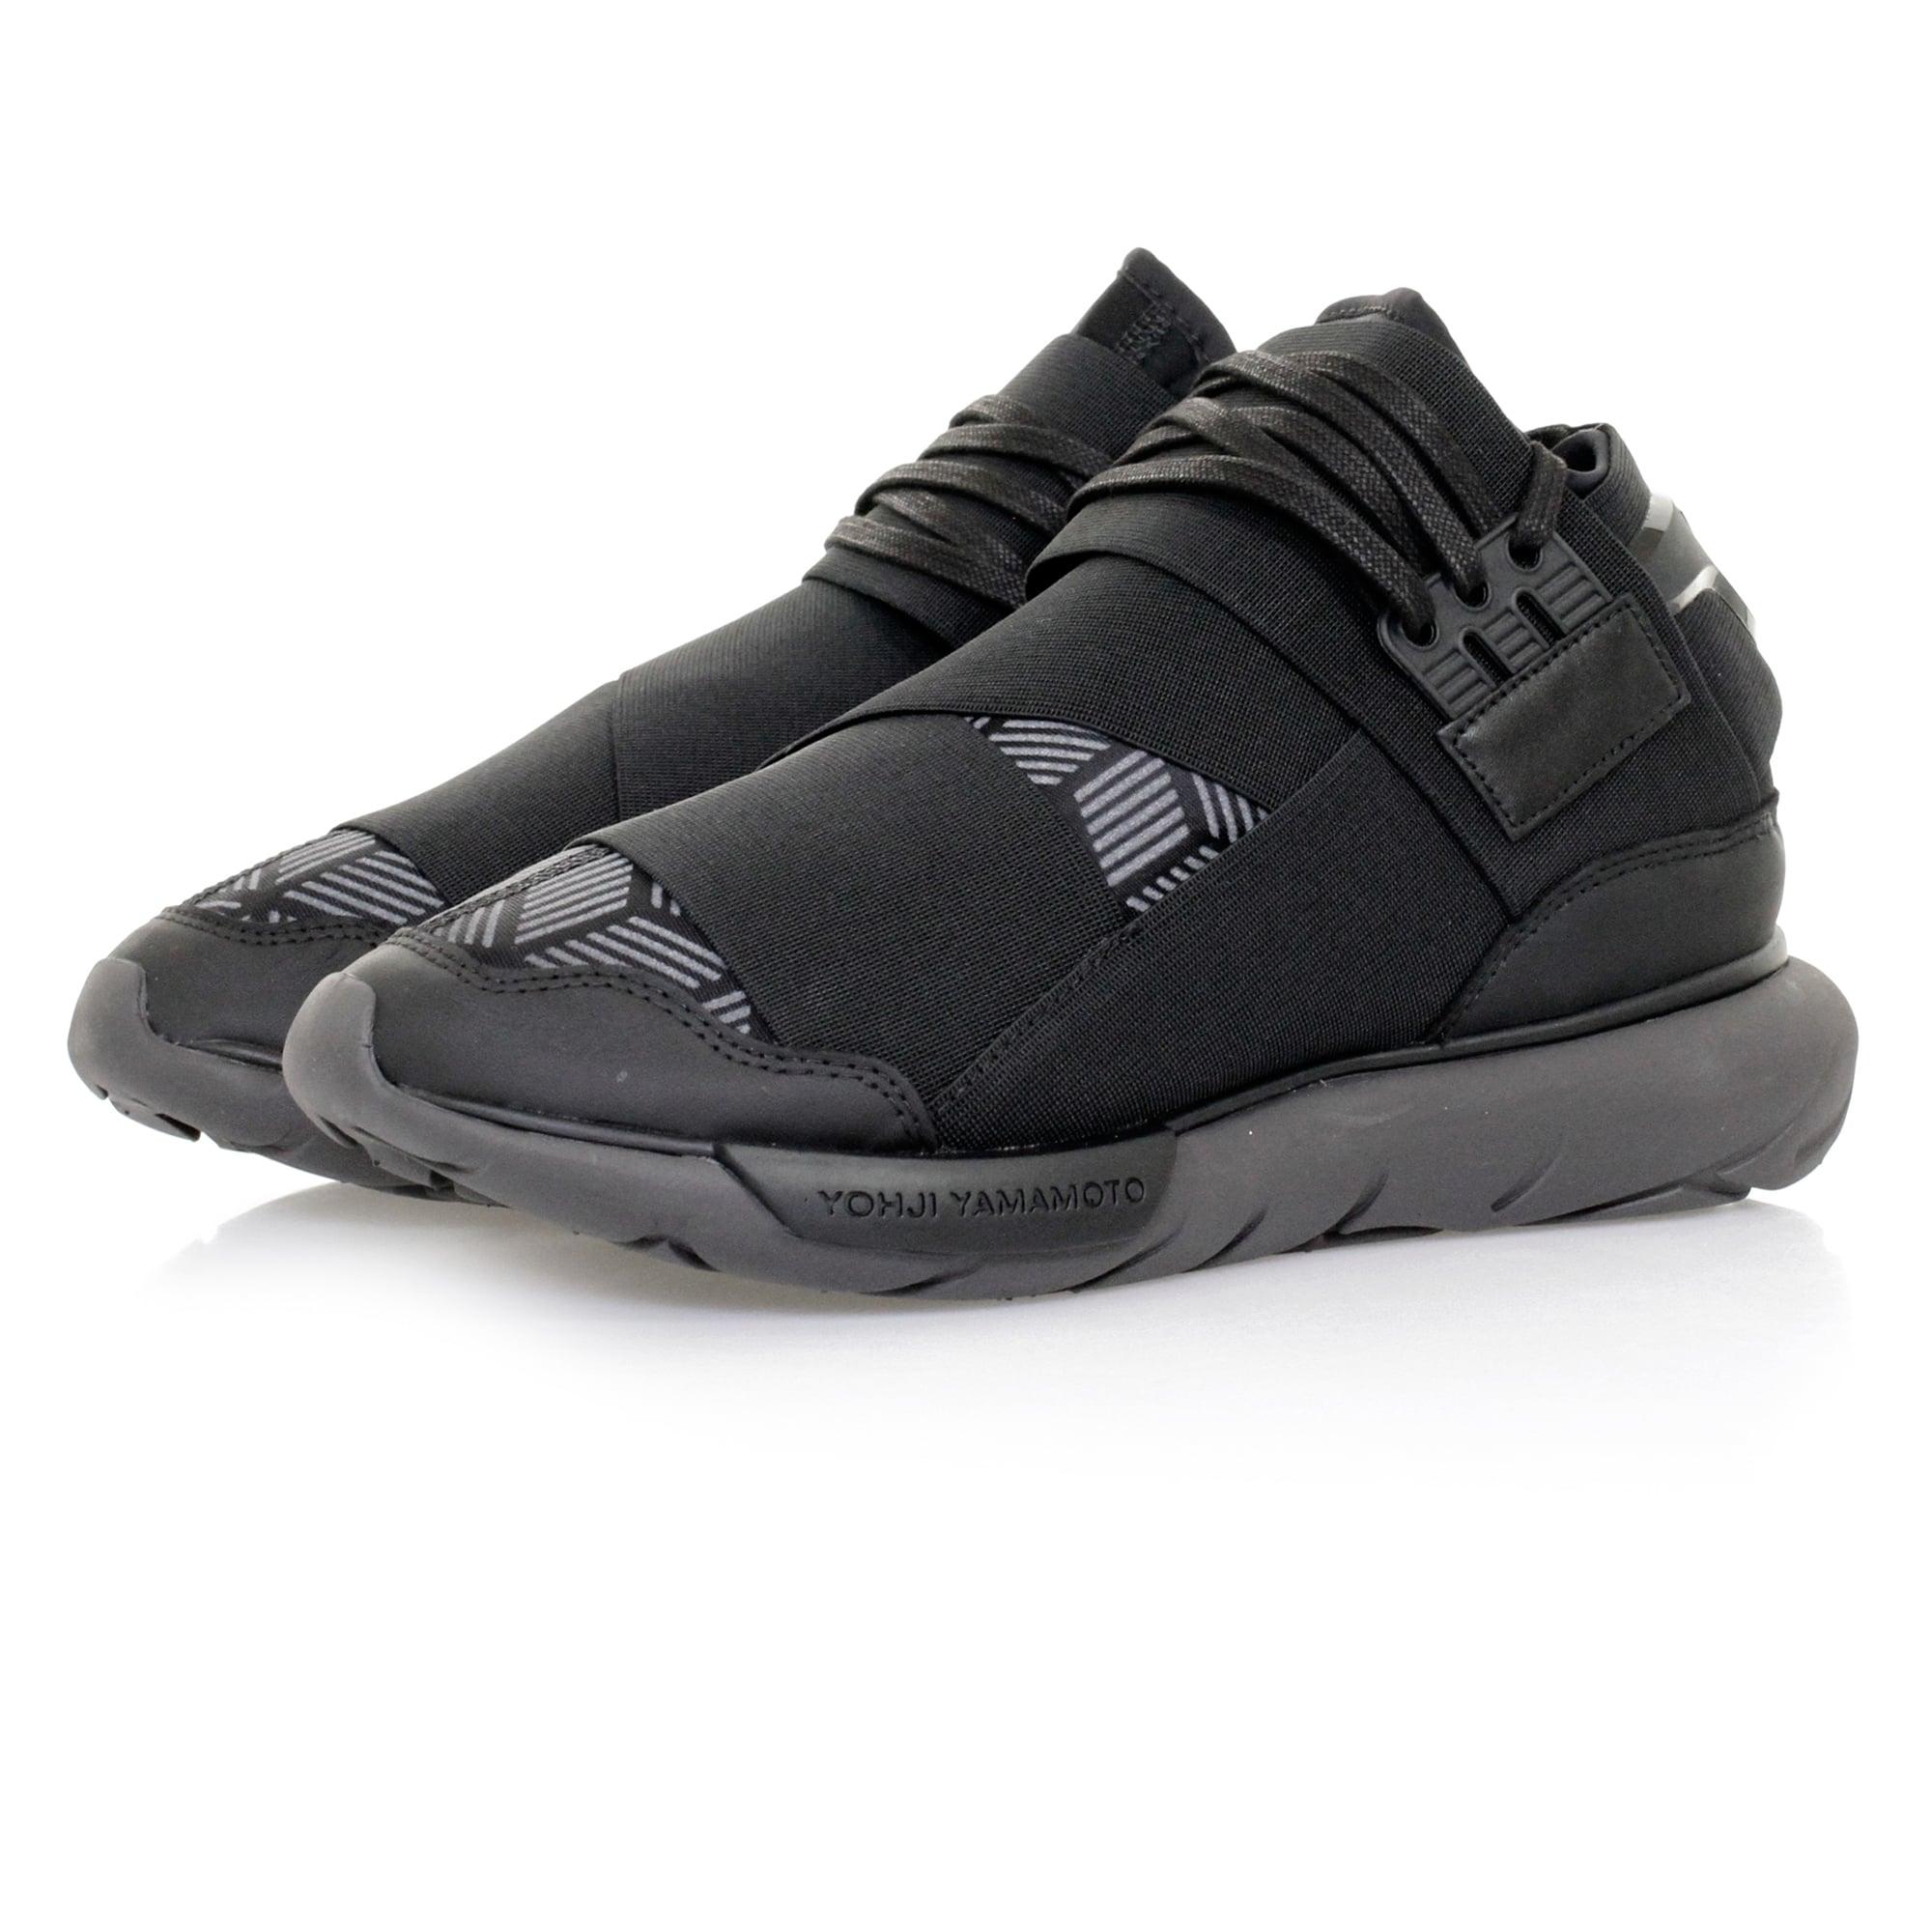 2324cfae4 adidas y3 qasa high triple black sneakers for australia